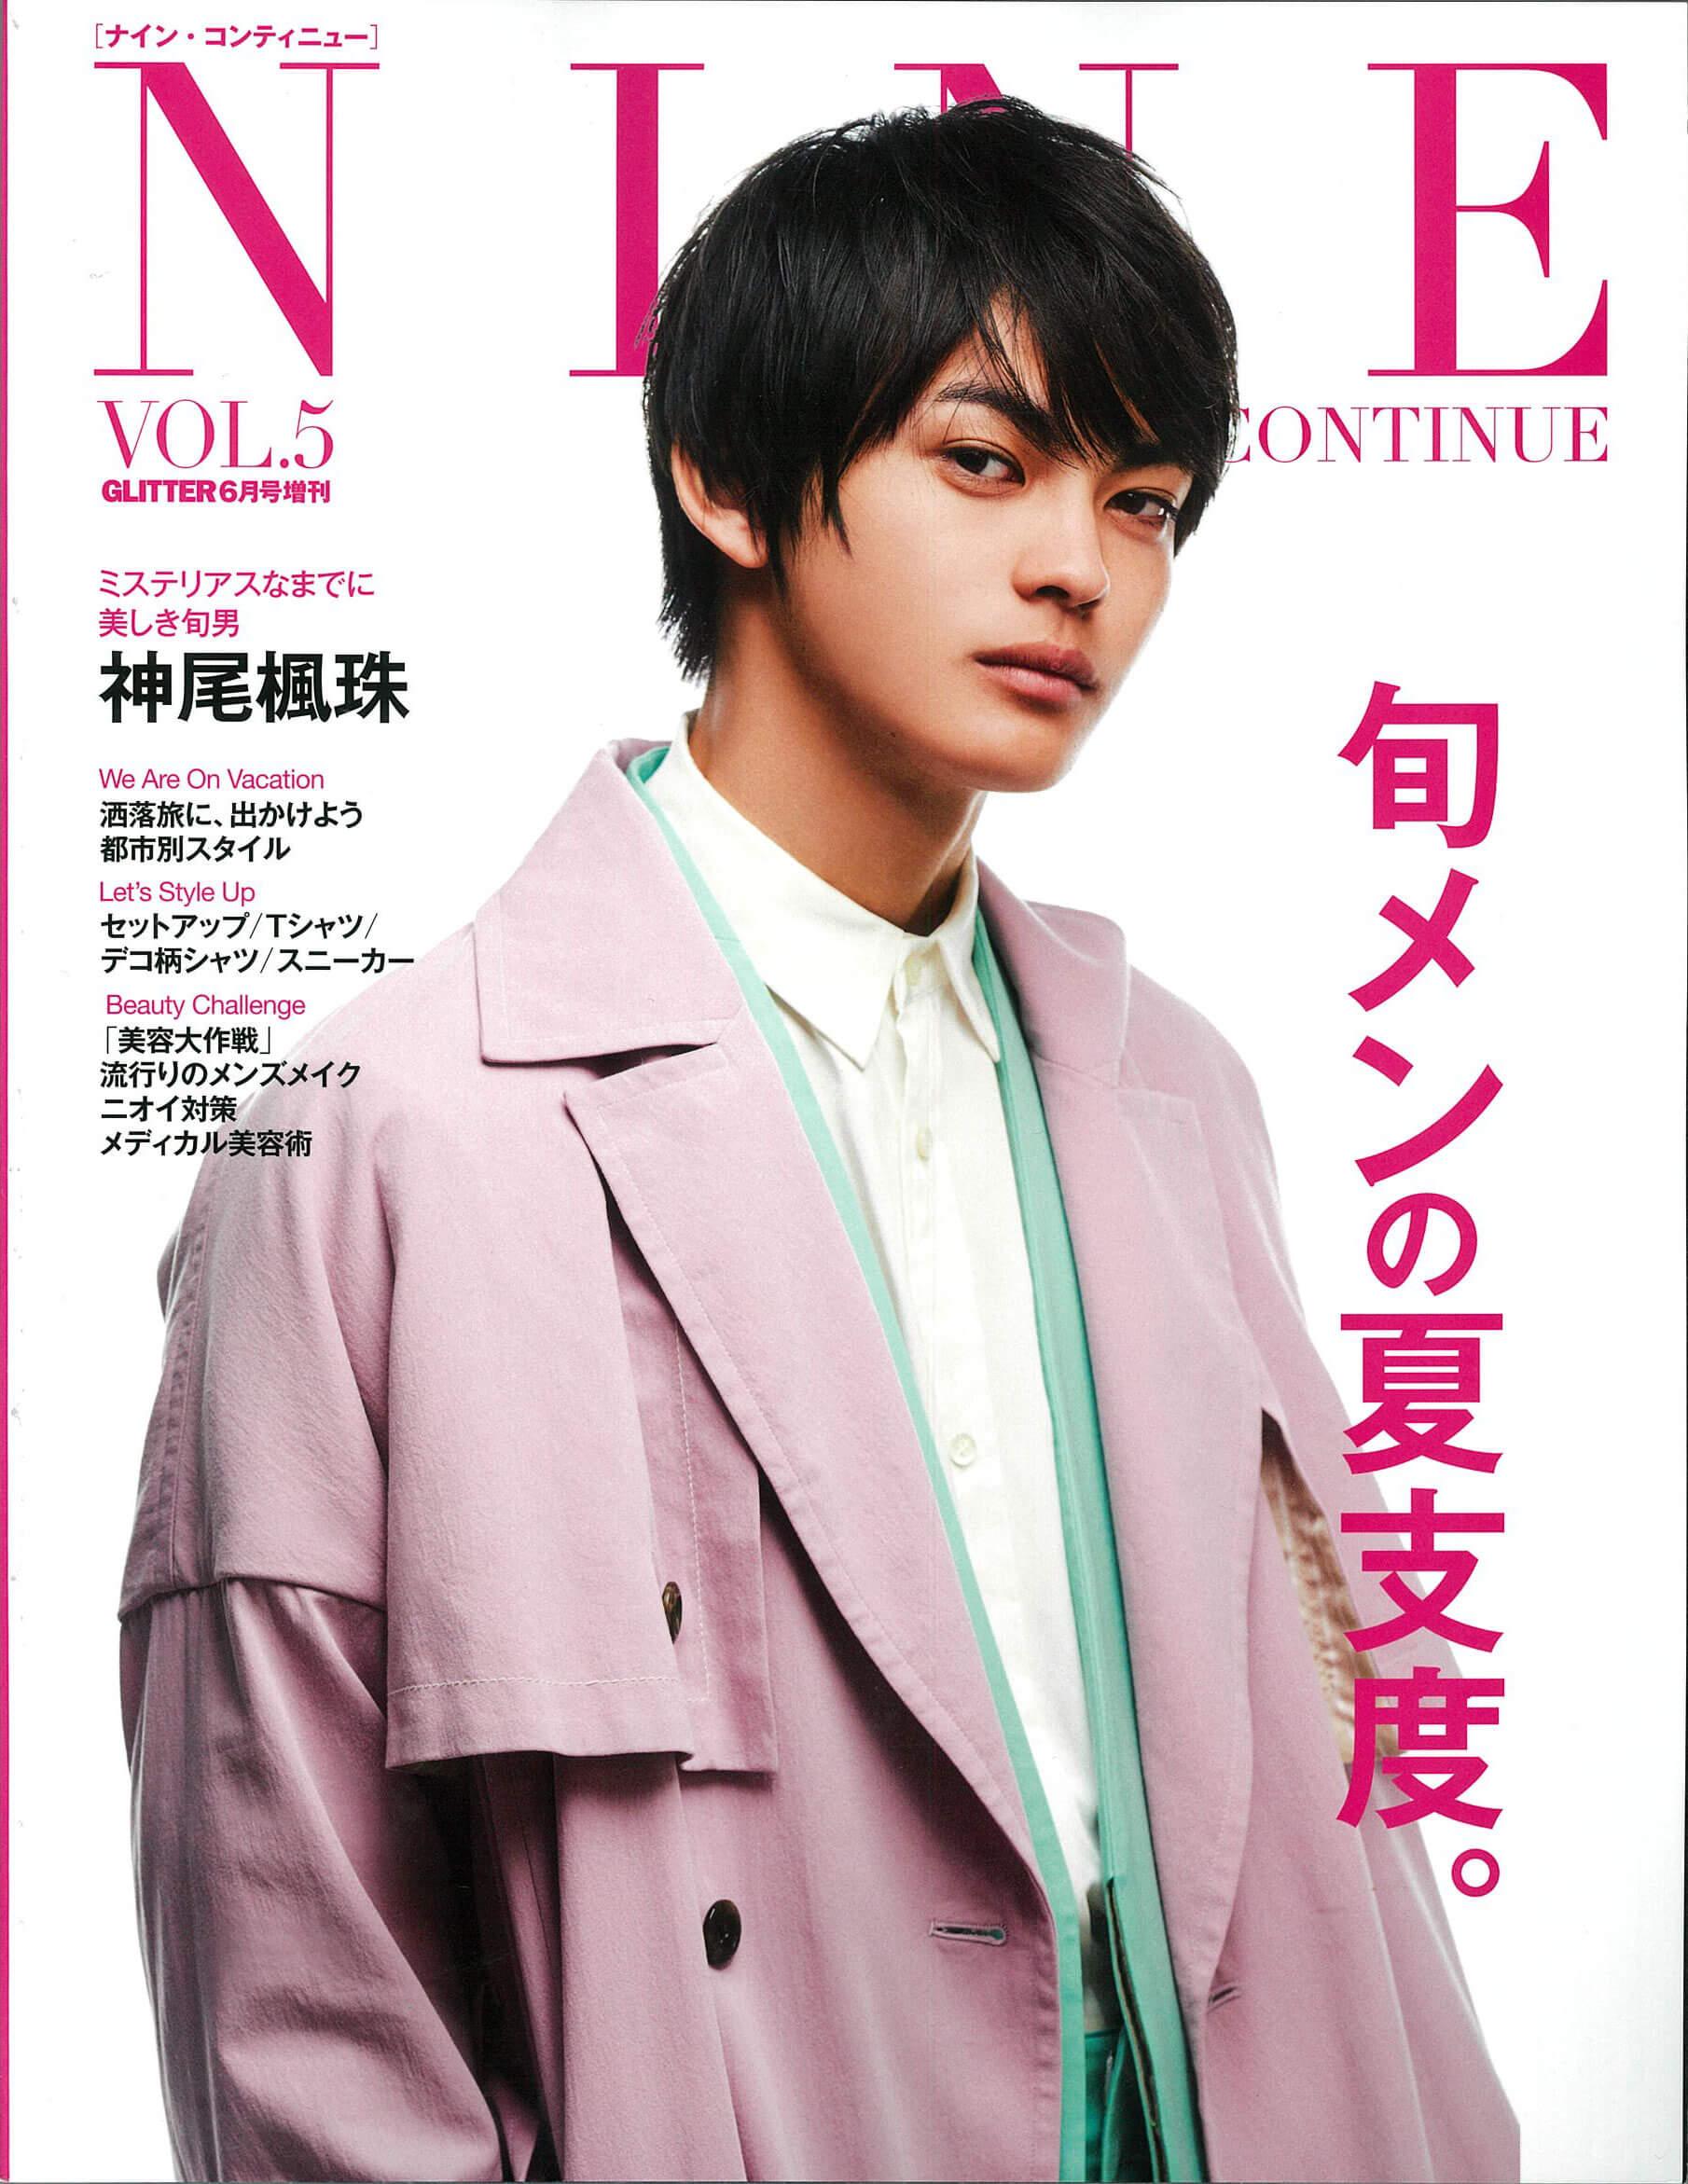 NINE continue vol.5